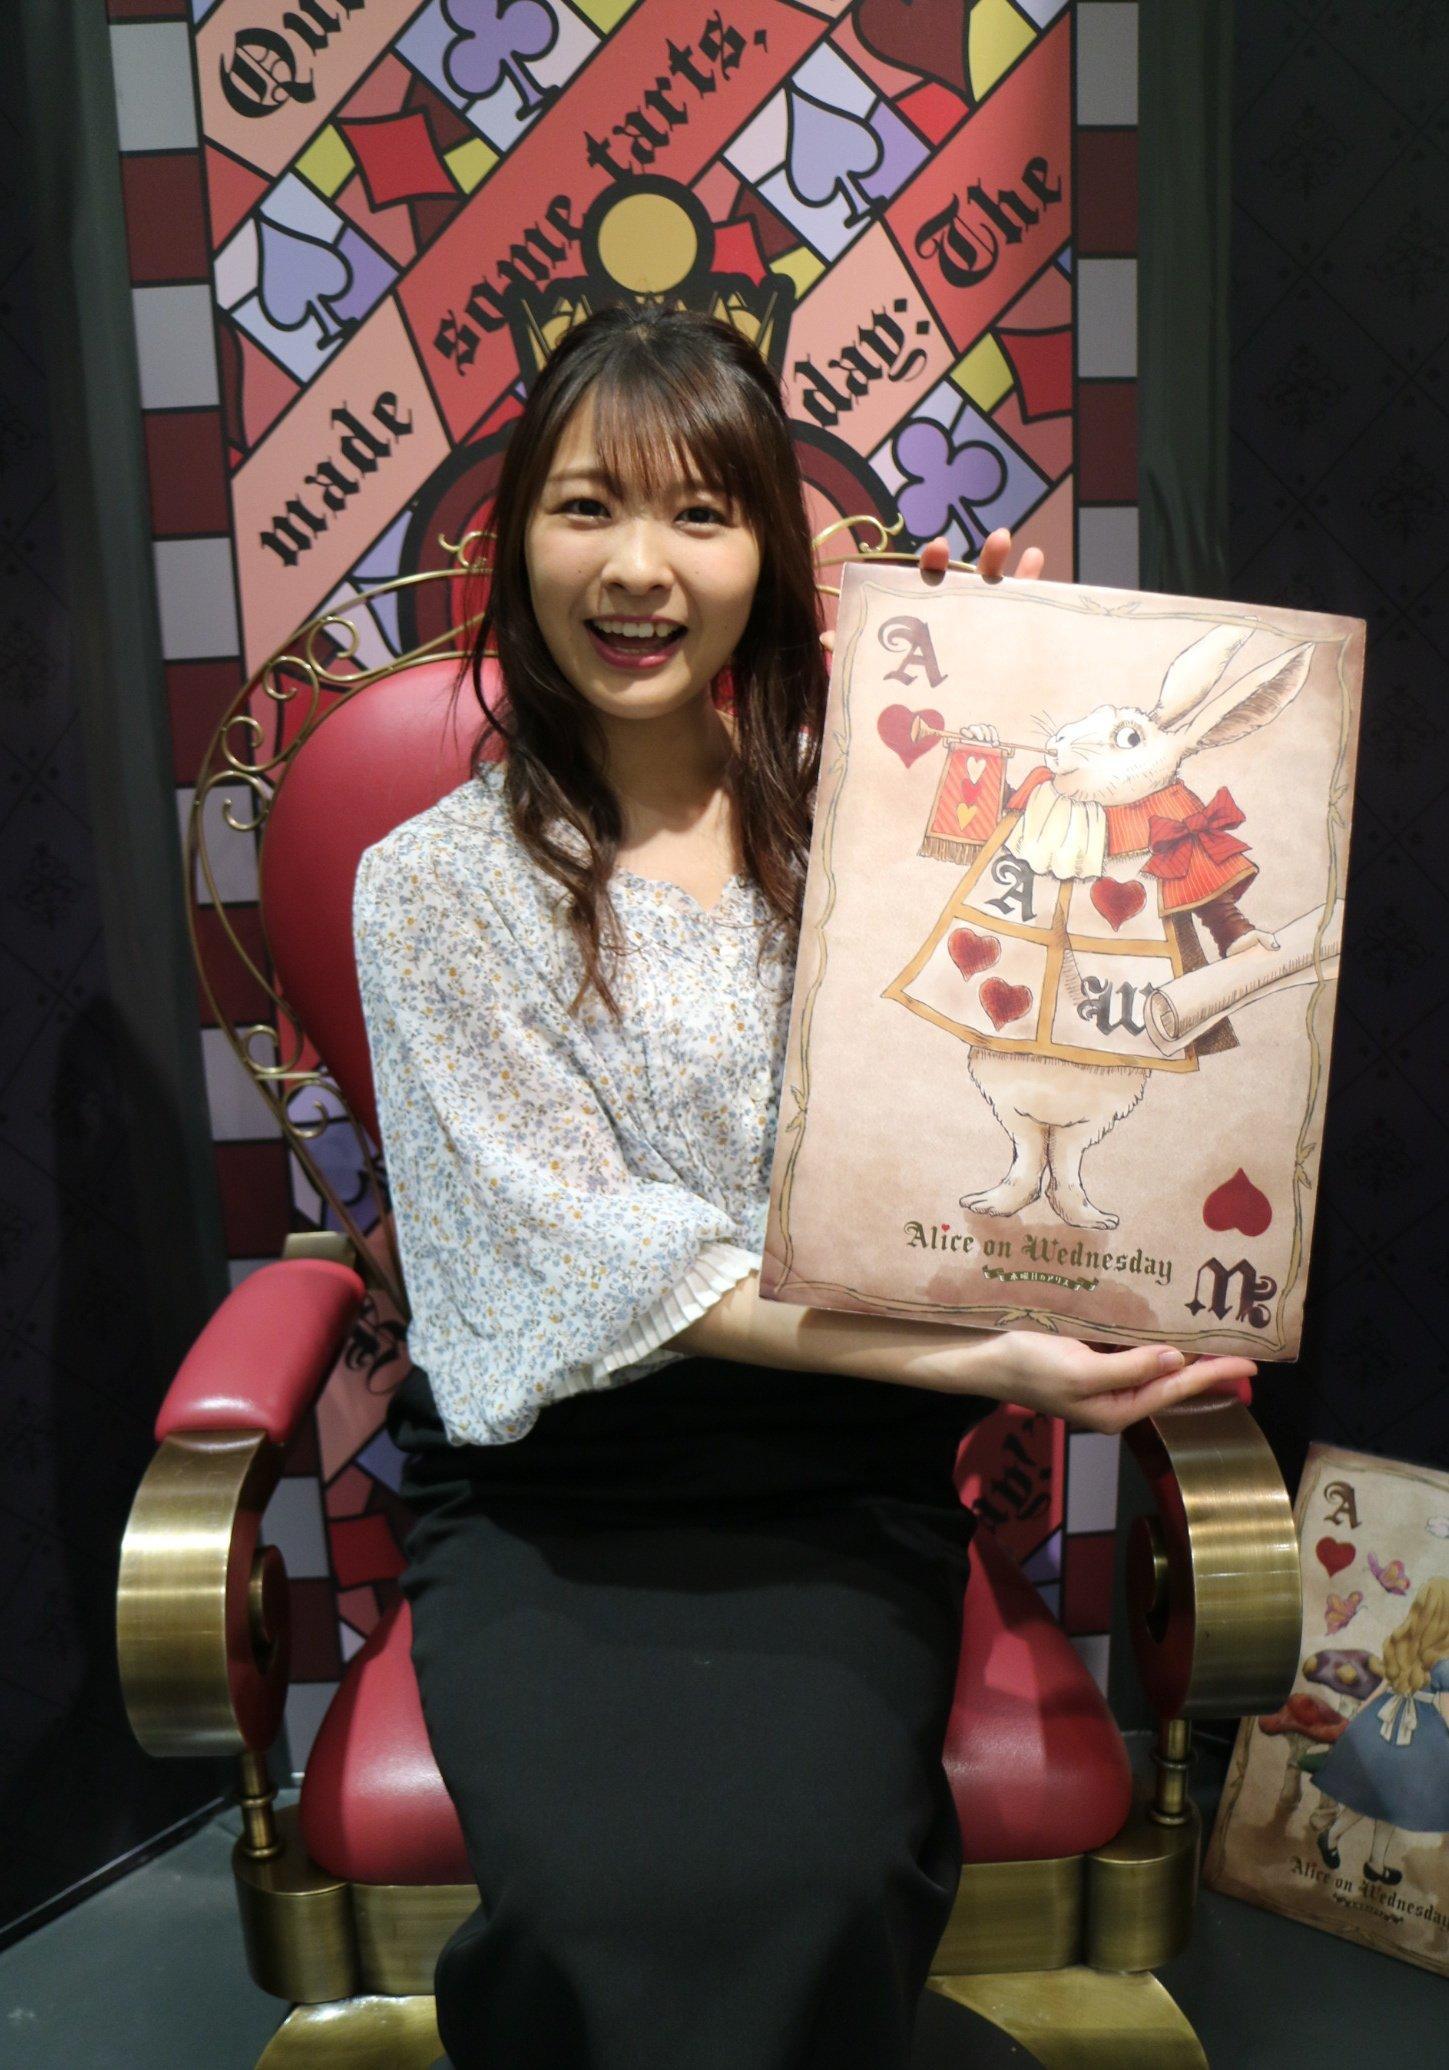 https://emifull.jp/emifulls_blog/11th/uploads/zYM4b_SR.jpg